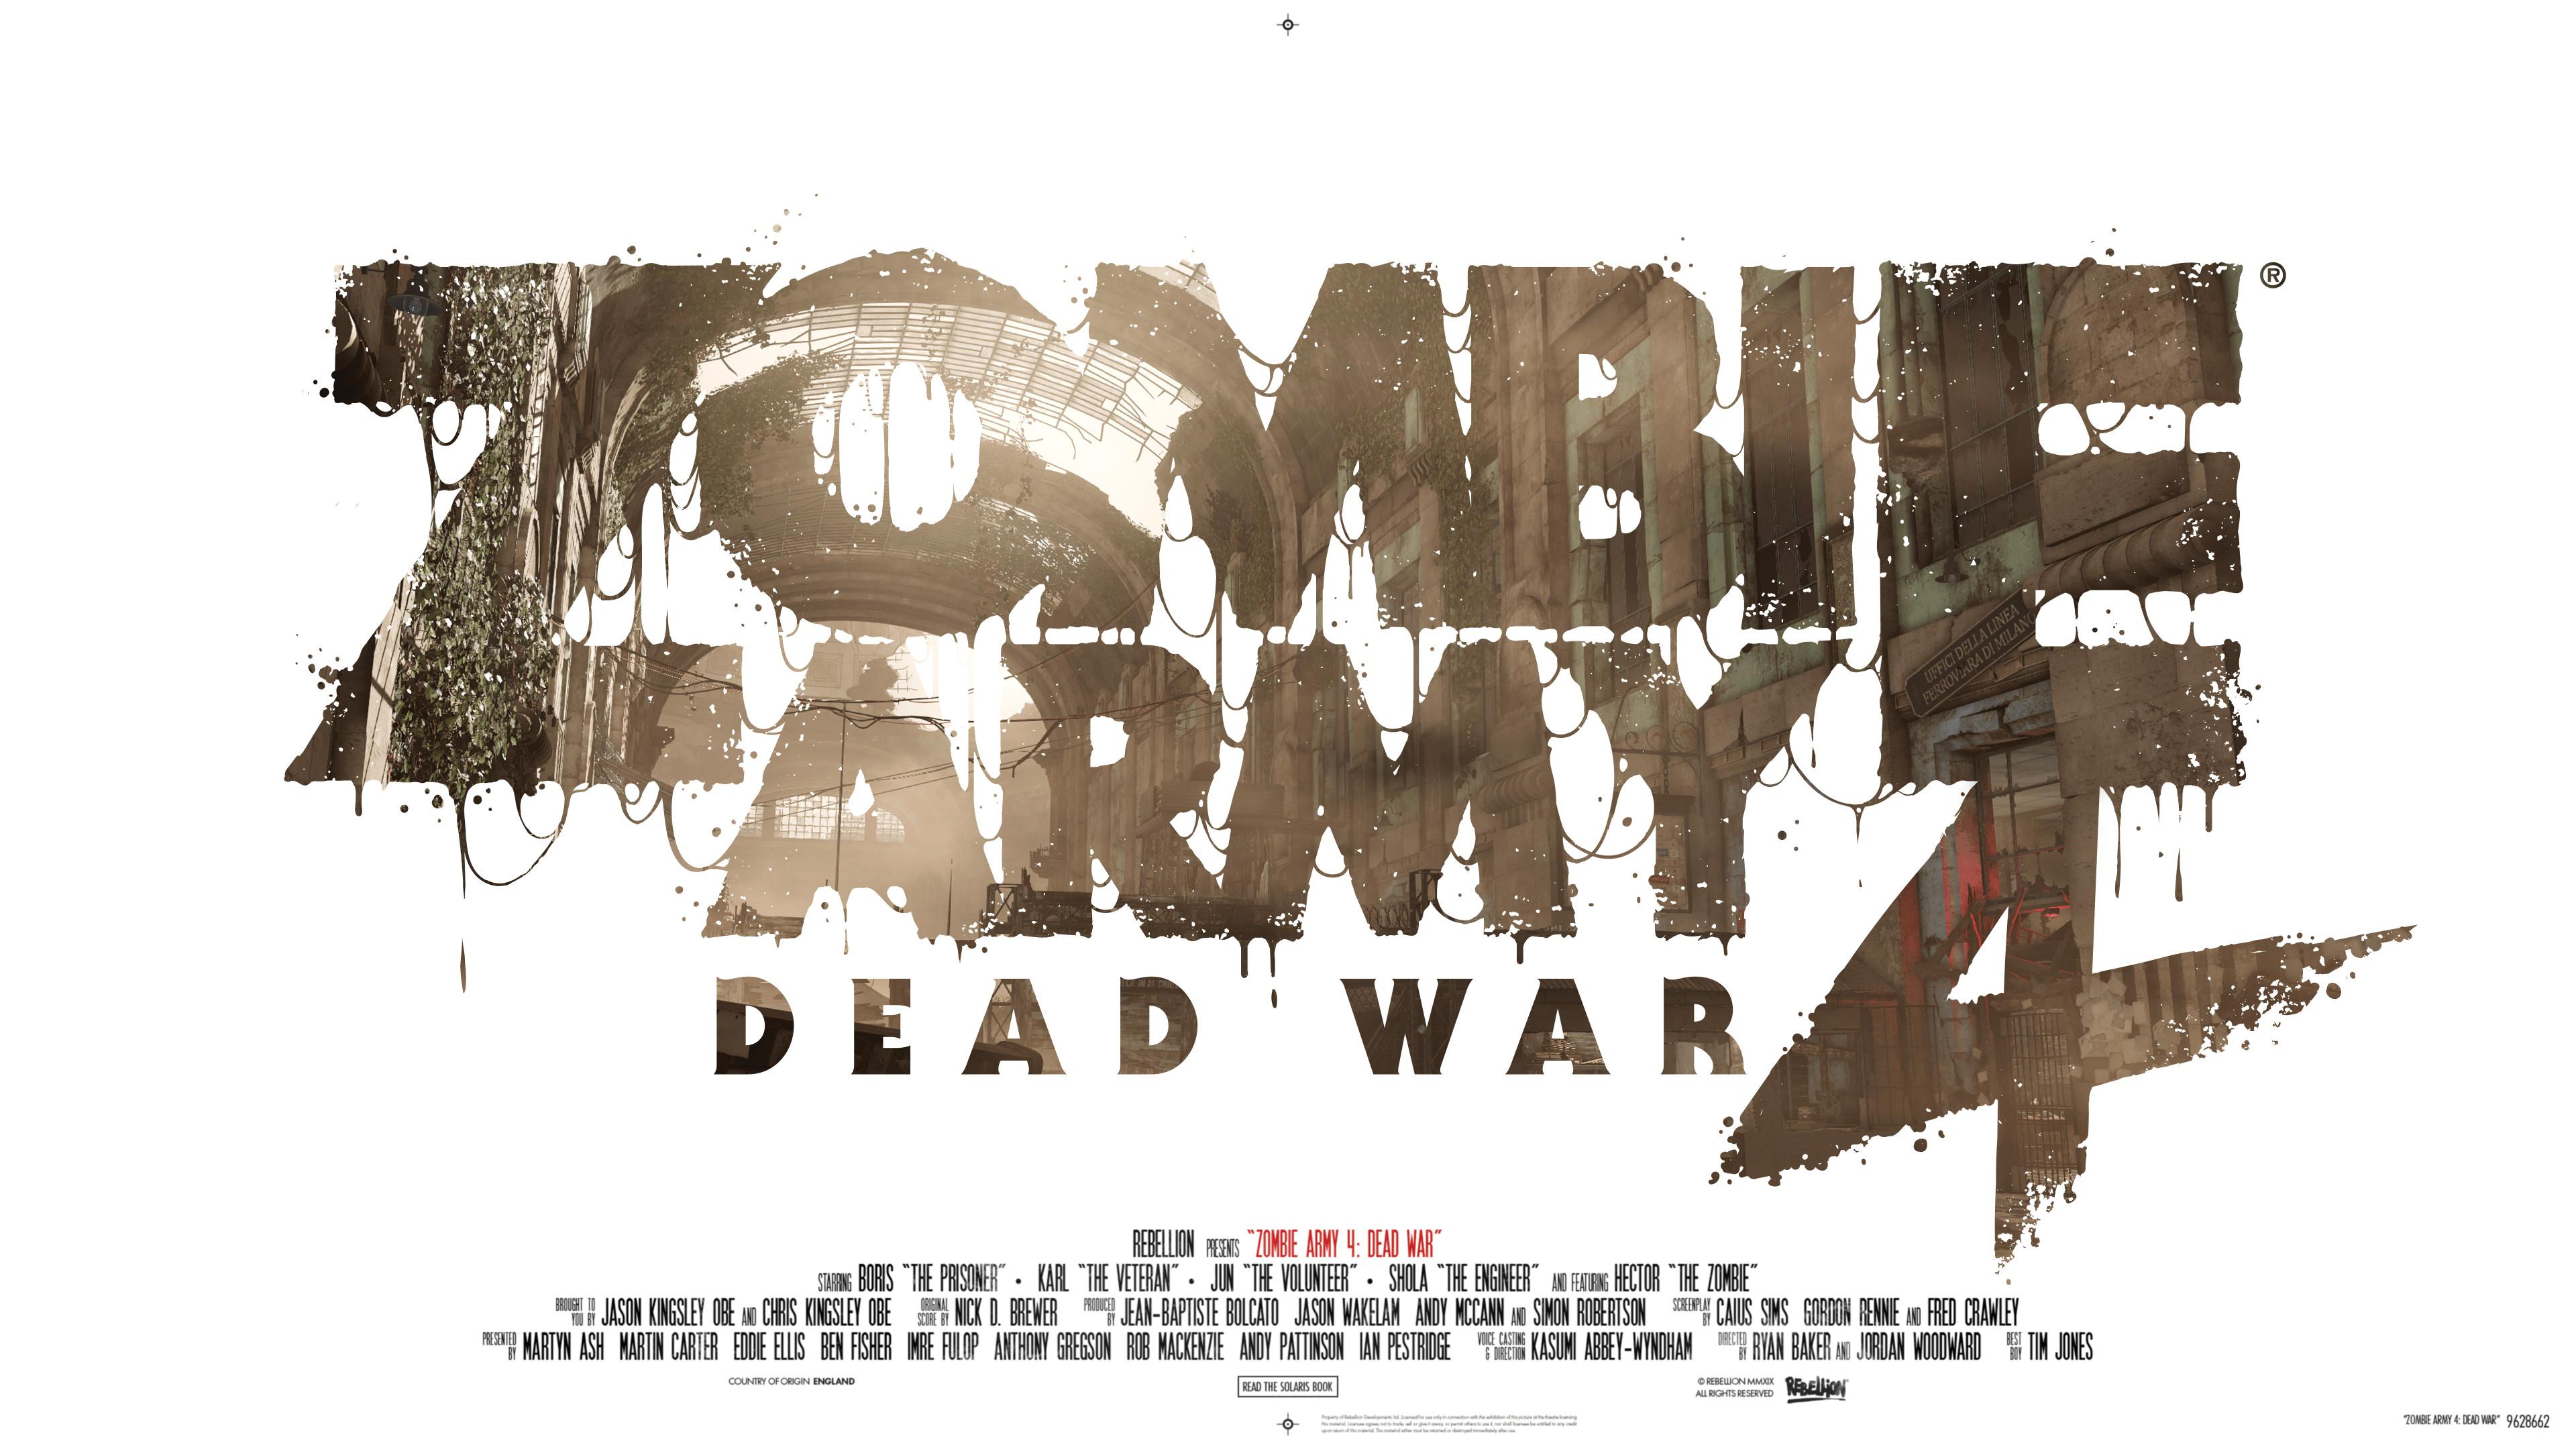 Poster No. 3